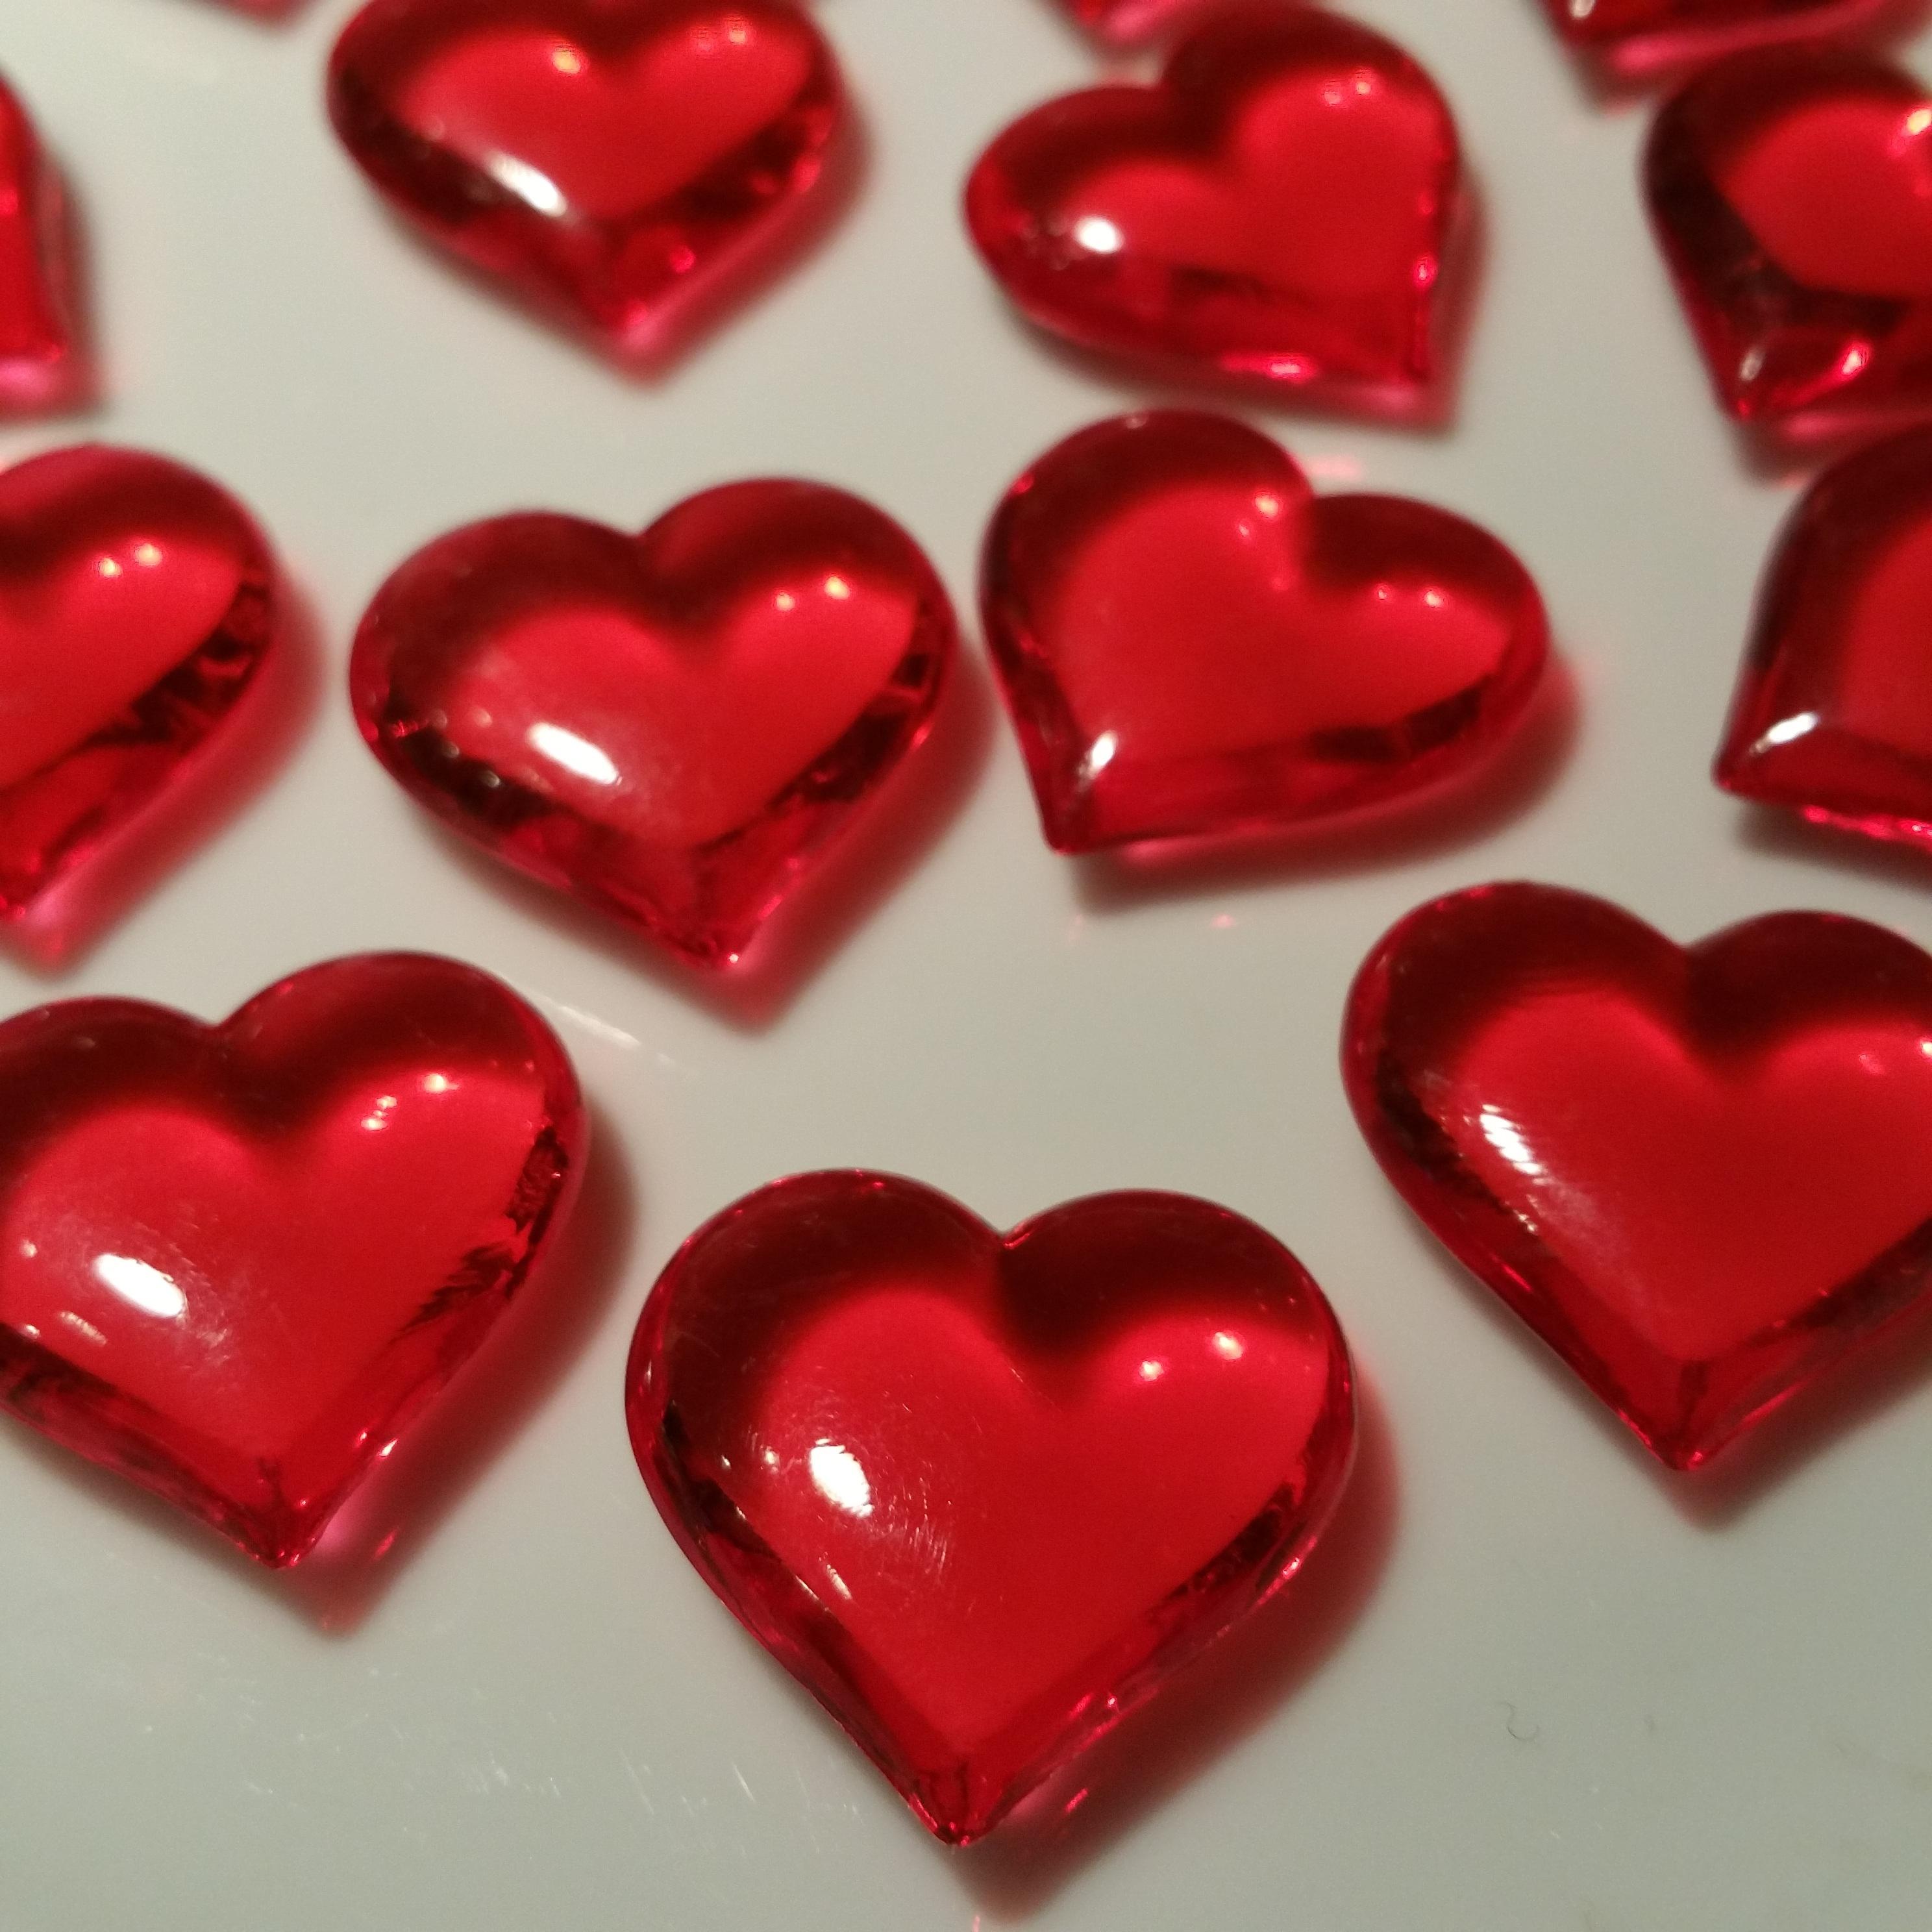 откусить его, картинки красивых сердец для любимого себя